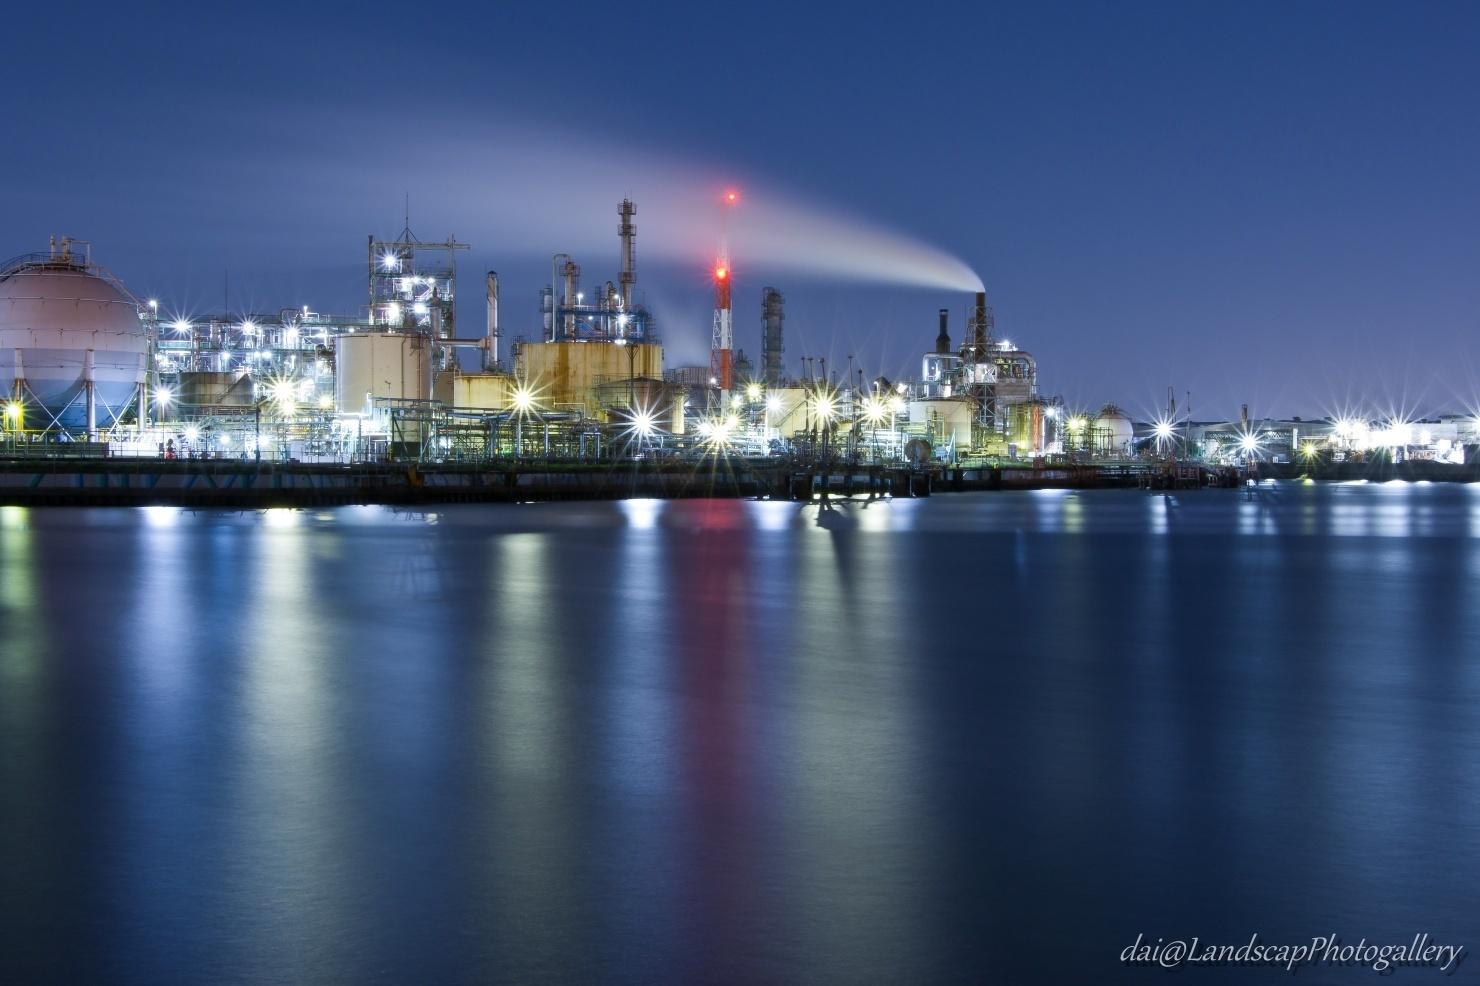 千鳥運河工場夜景